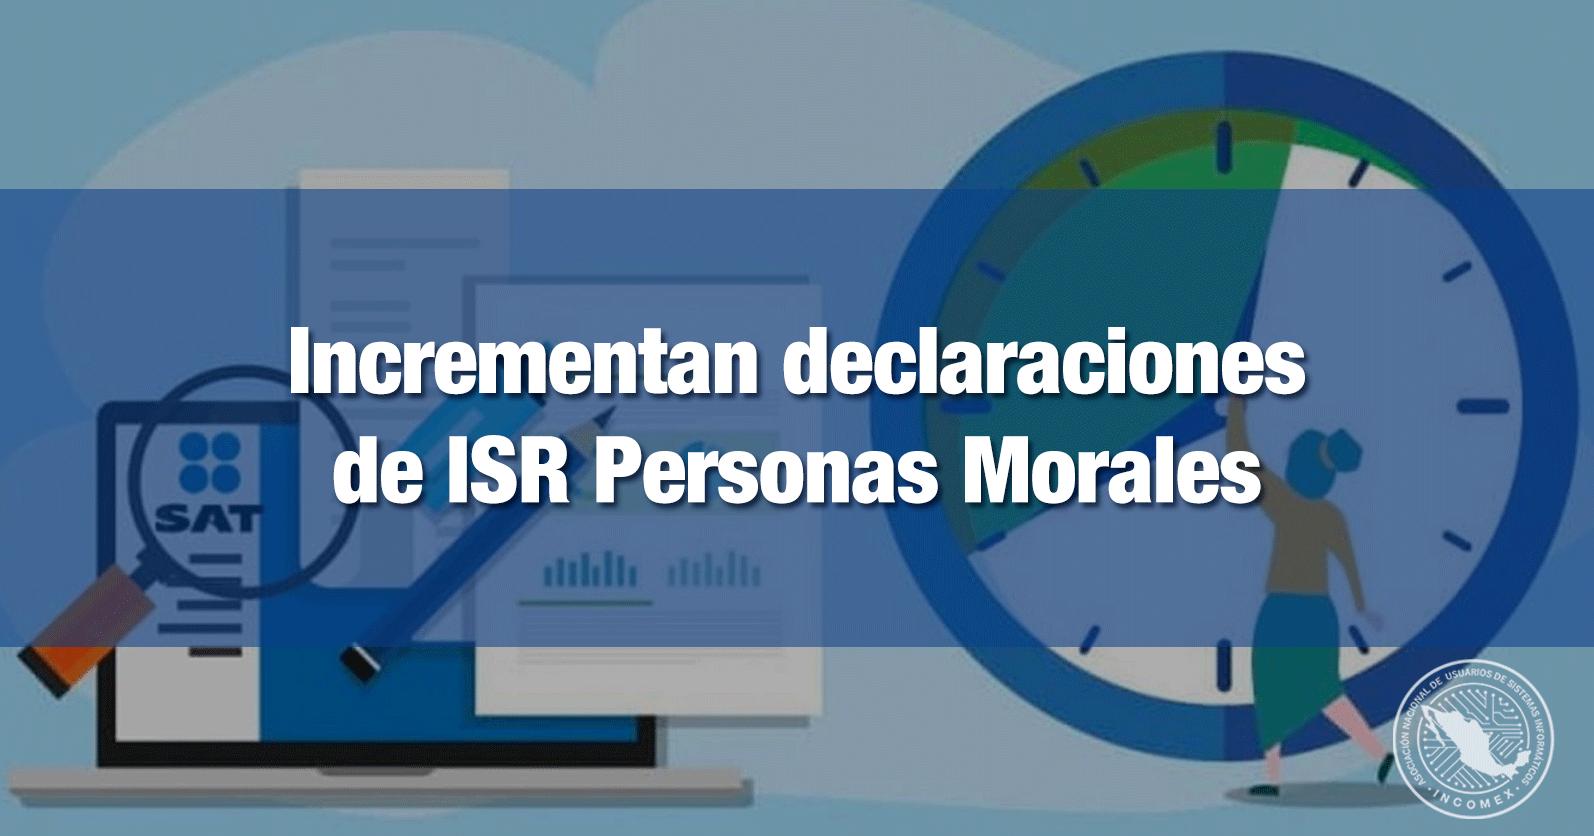 Incrementan declaraciones de ISR Personas Morales